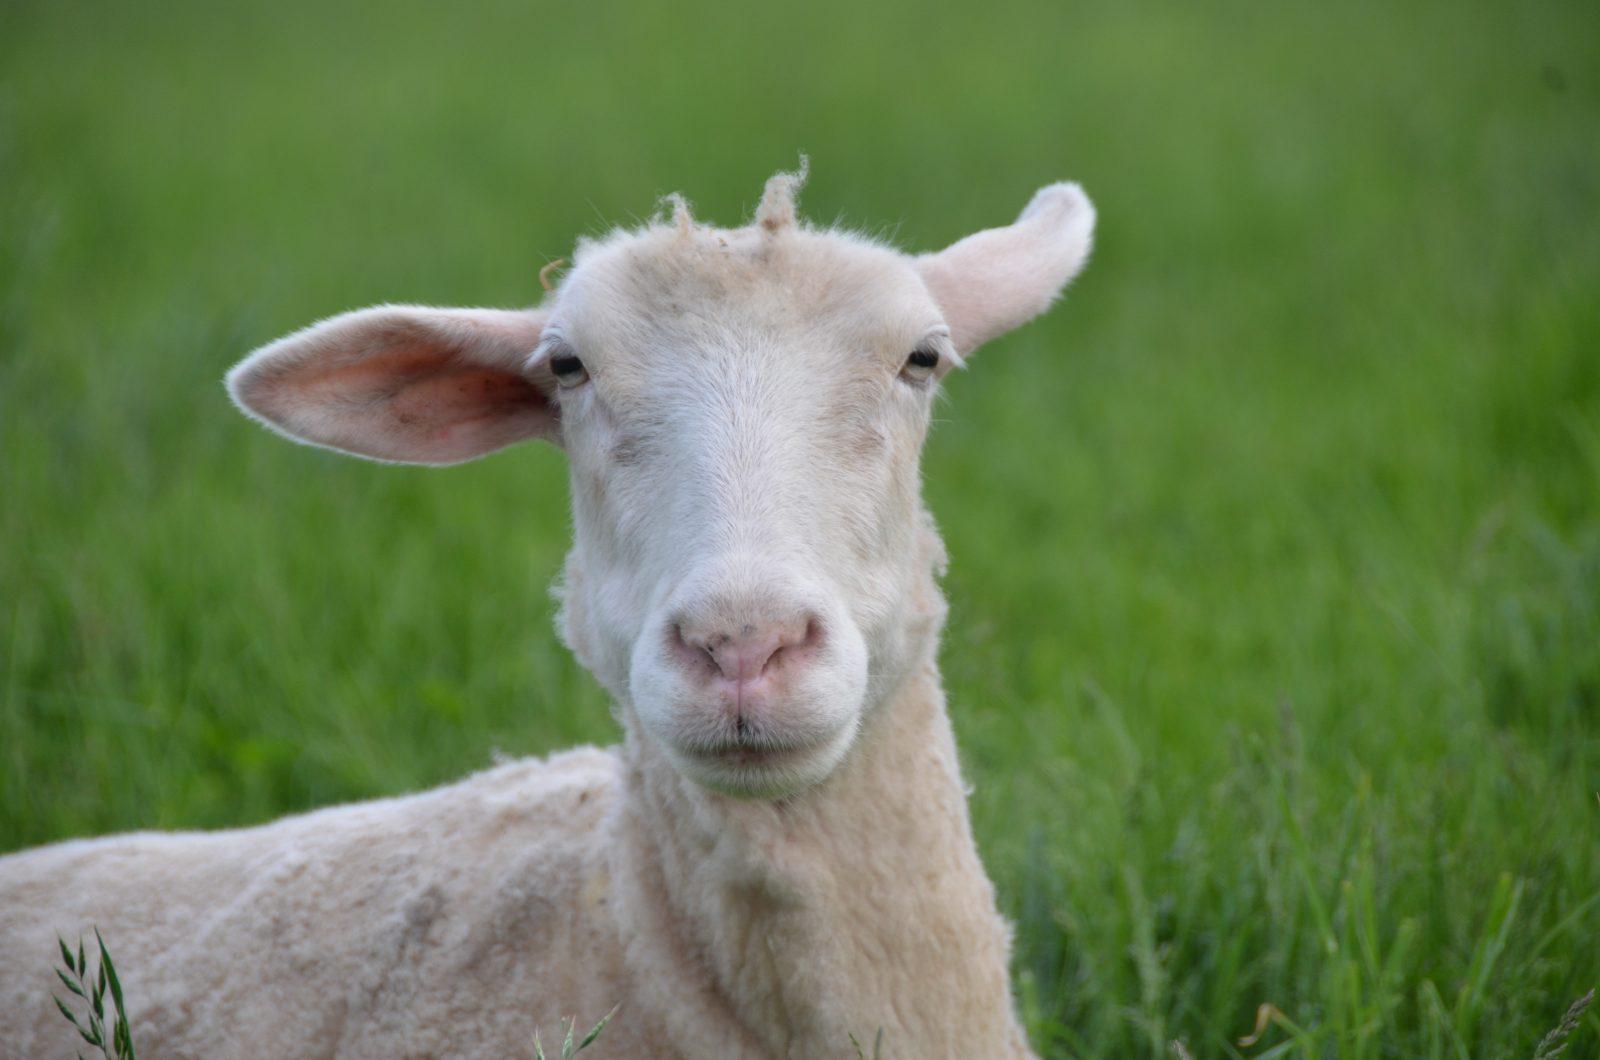 Samantha sheep at Farm Sanctuary